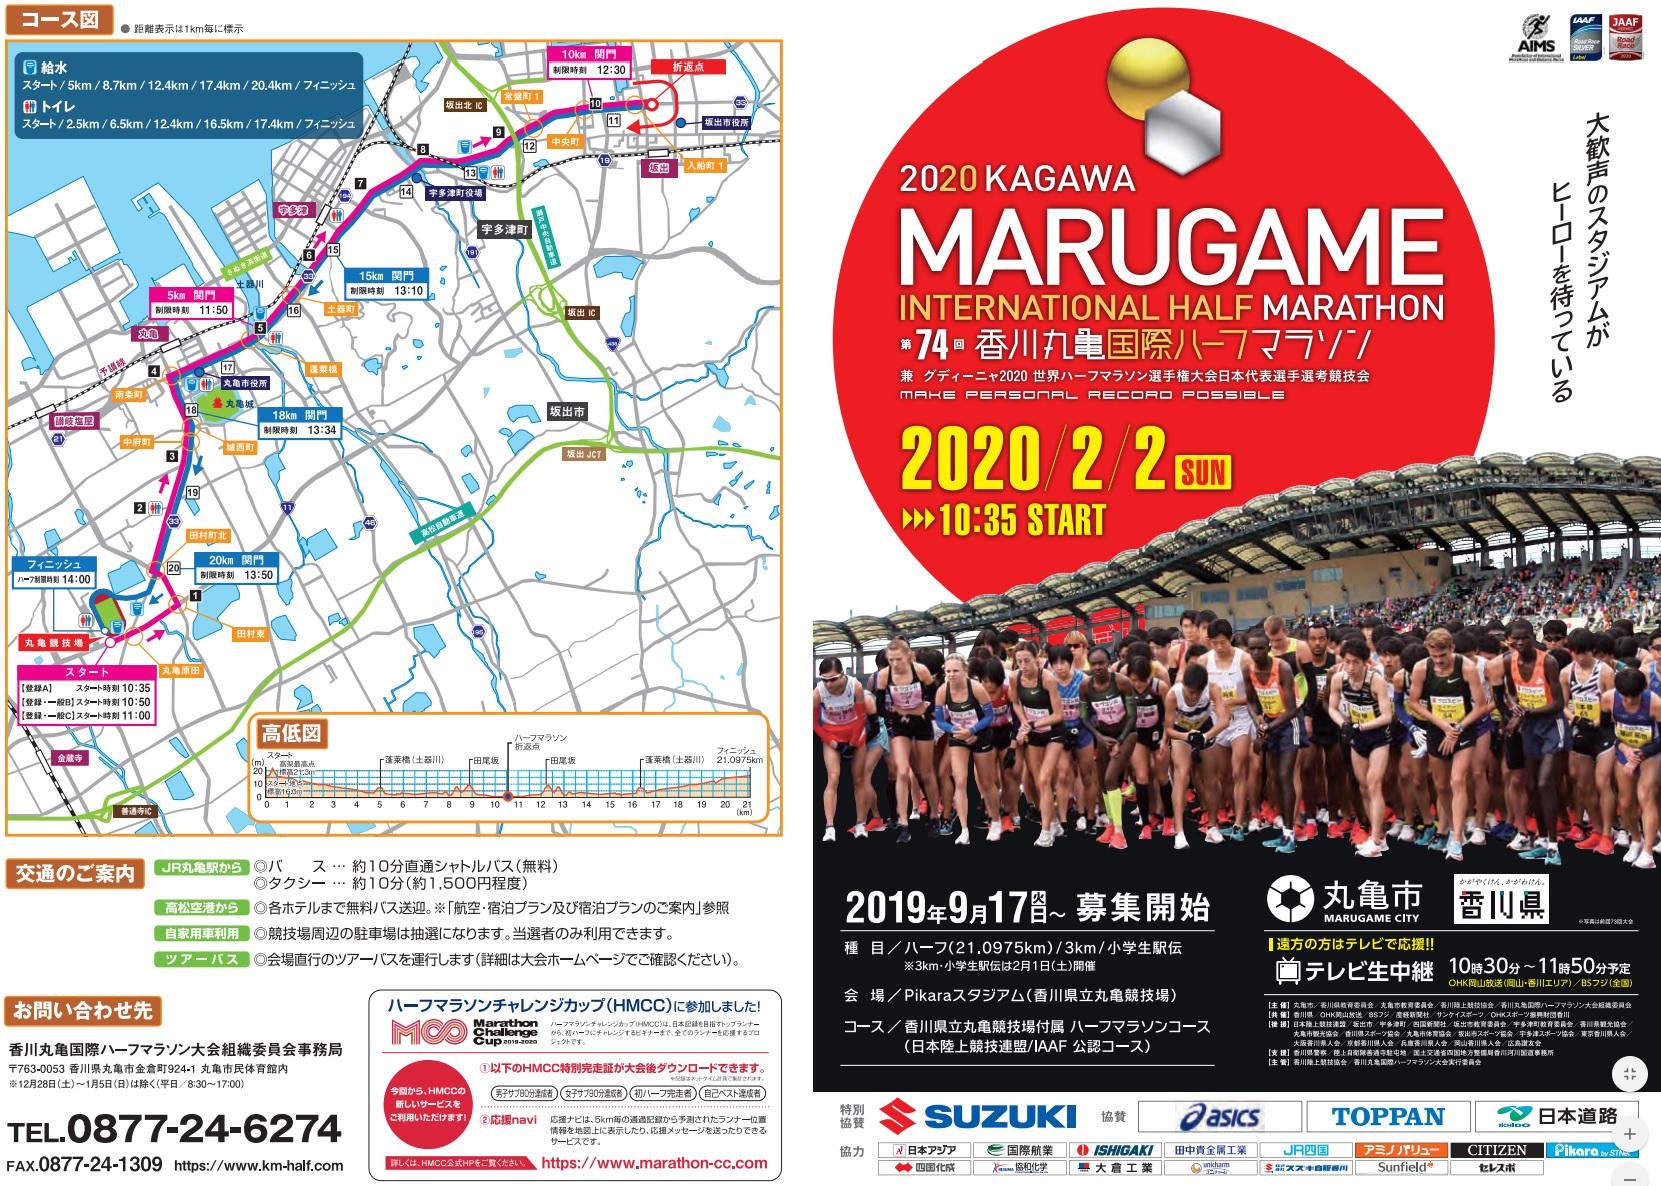 香川丸亀国際ハーフマラソン2020結果速報・日程コース